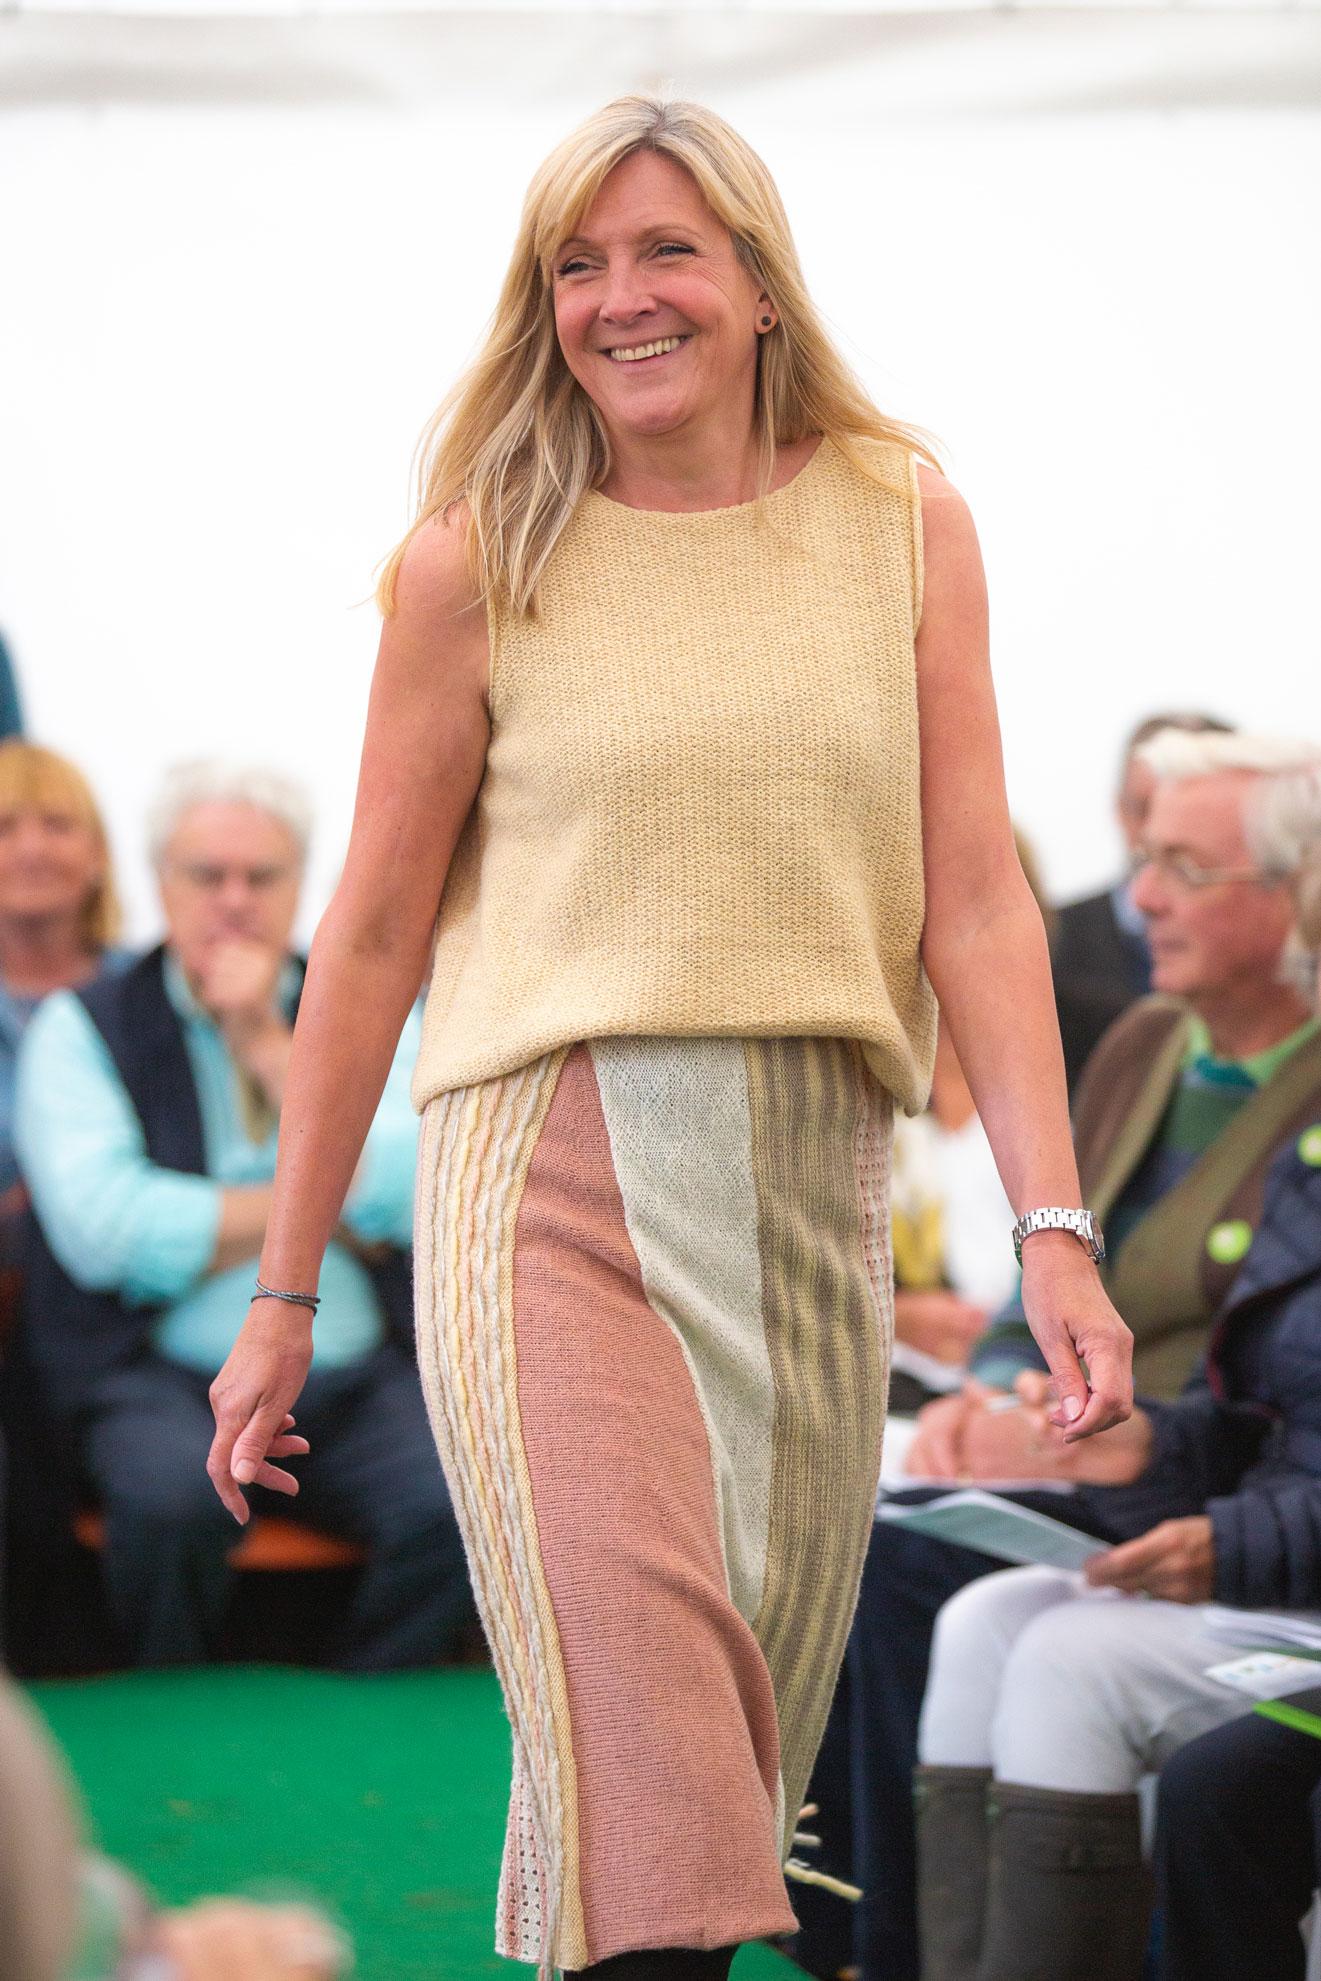 ria-burns-knitwear-fresh-air-fashion-2019-bermagui-dress.jpg